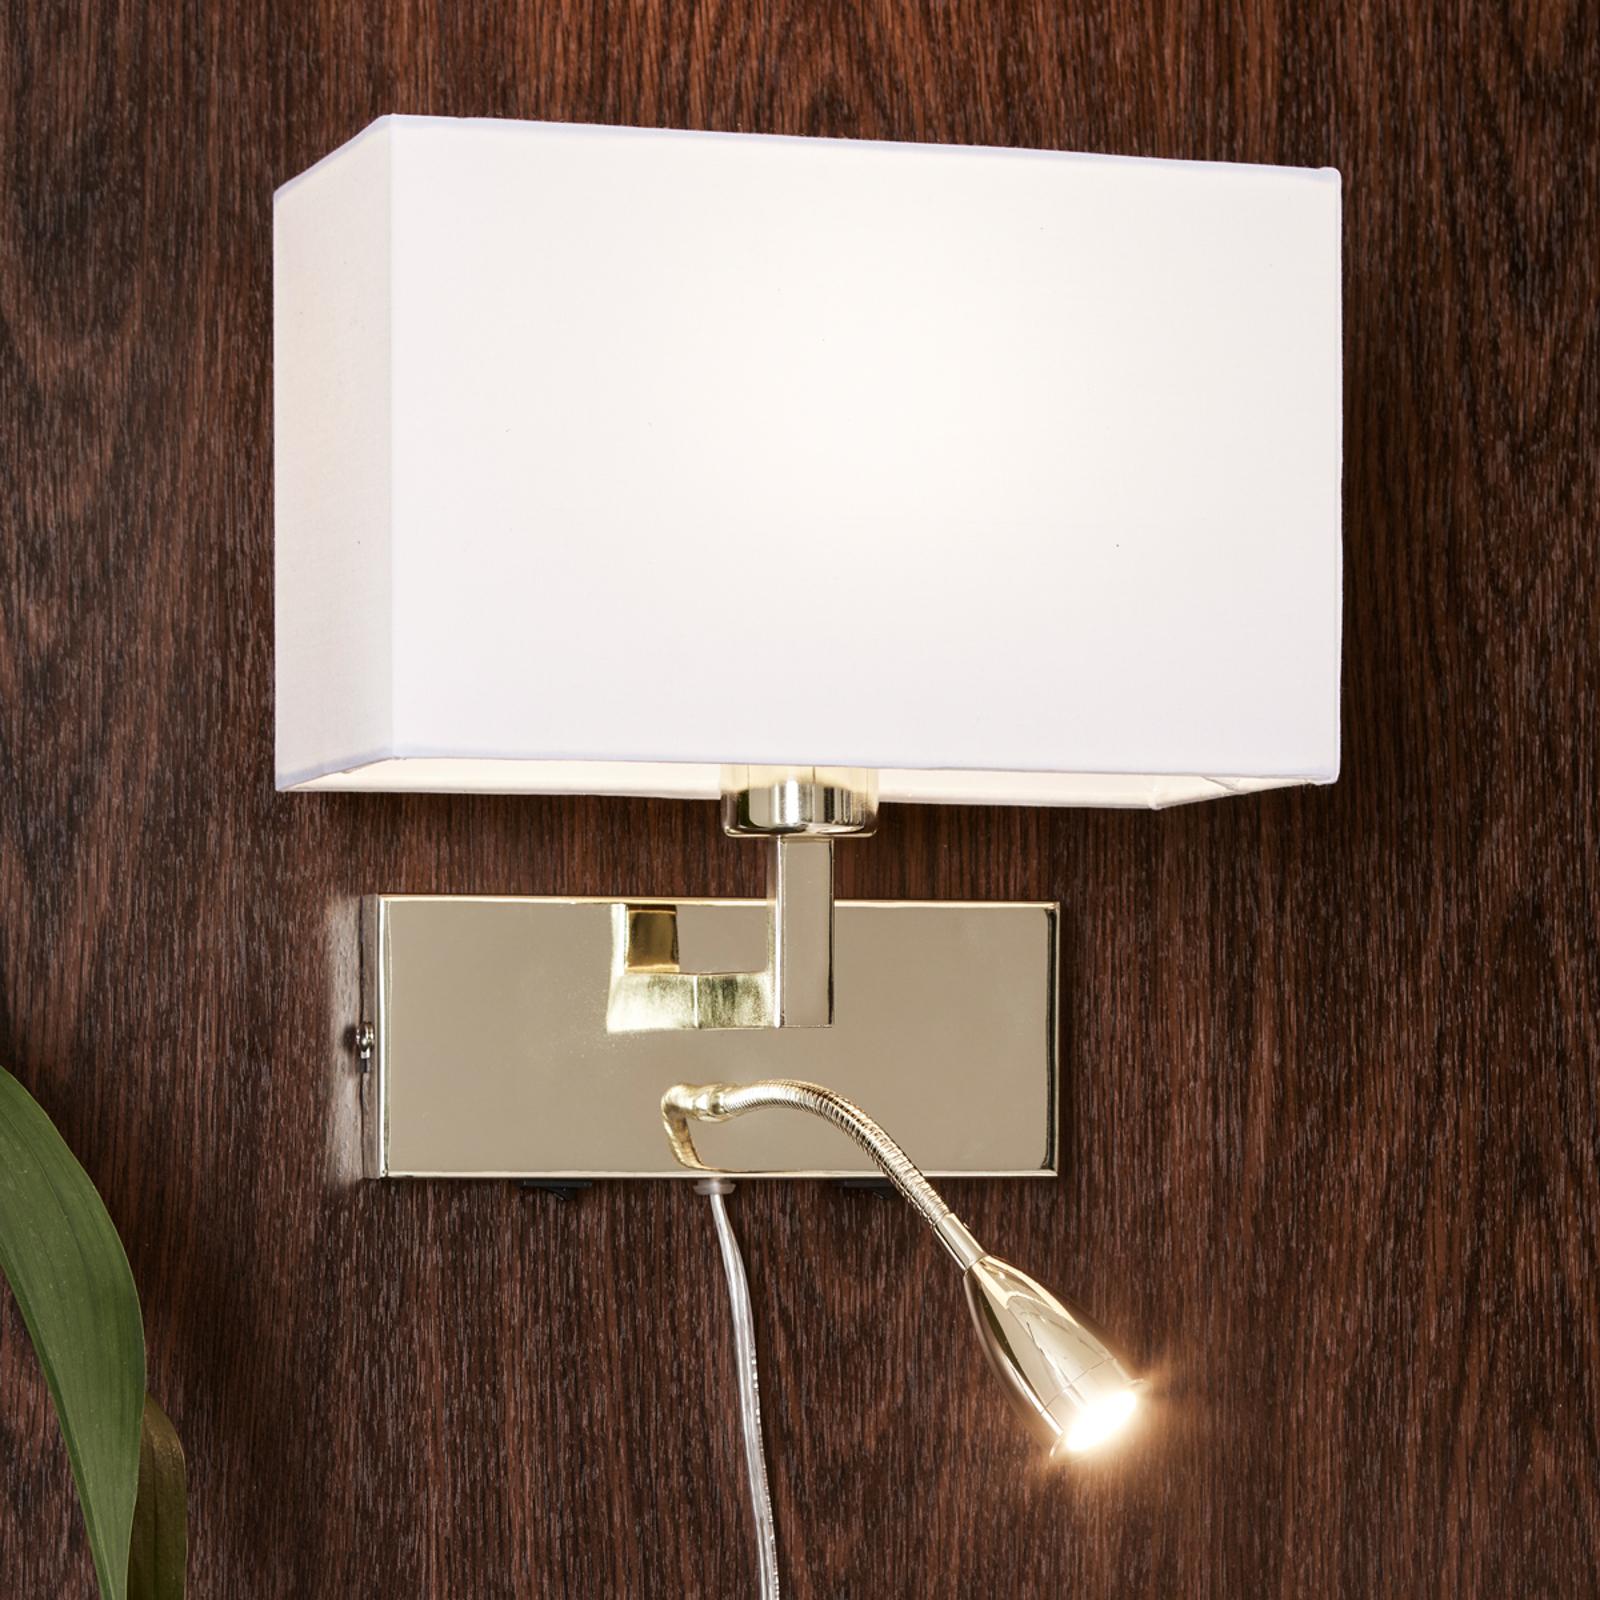 LED-lukuvalolla varustettu seinävalaisin Savoy